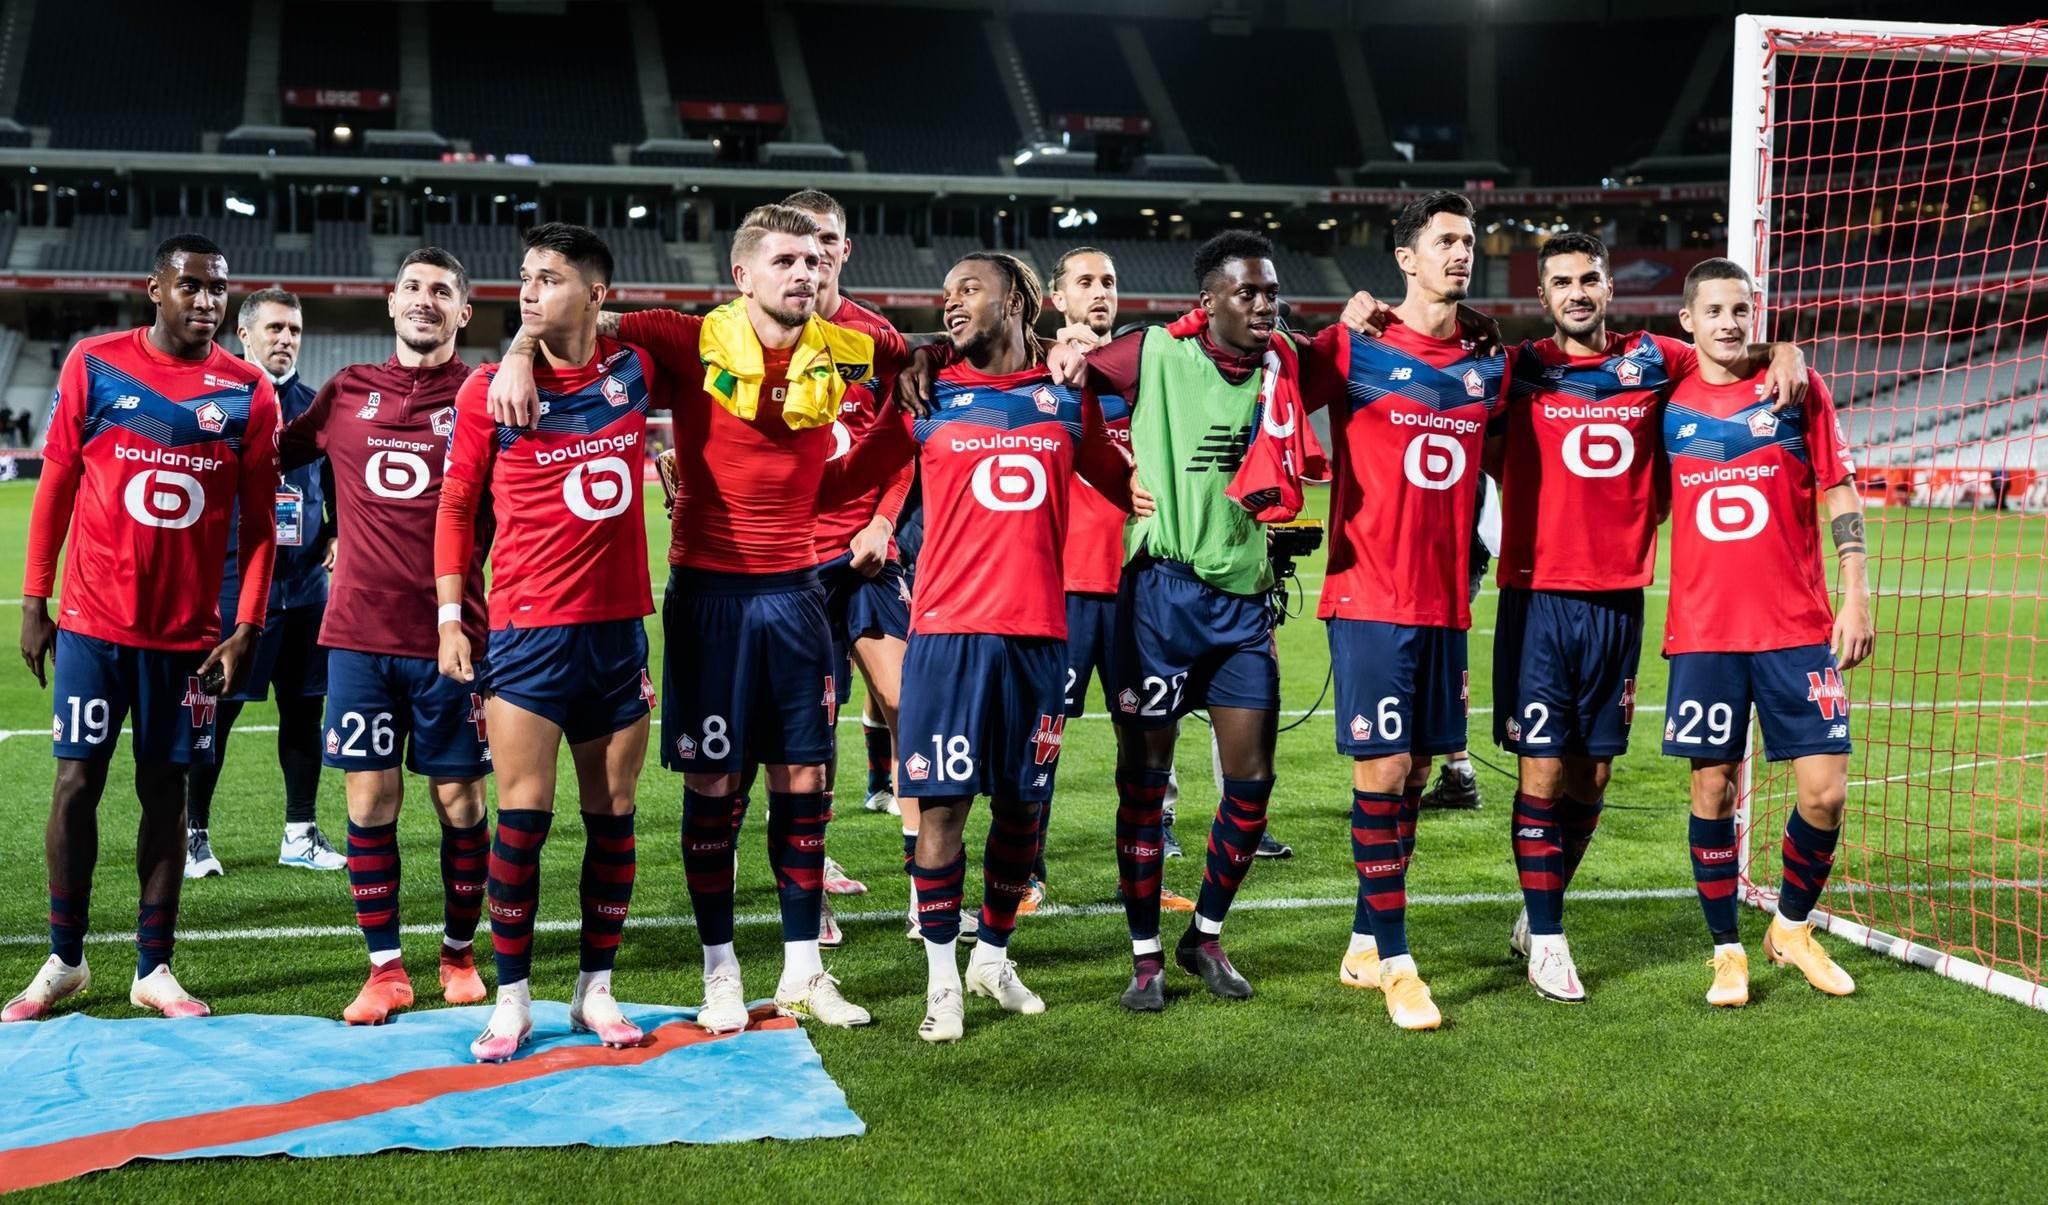 الدوري الفرنسي: ليل ينتصر ويتصدر مؤقتاً